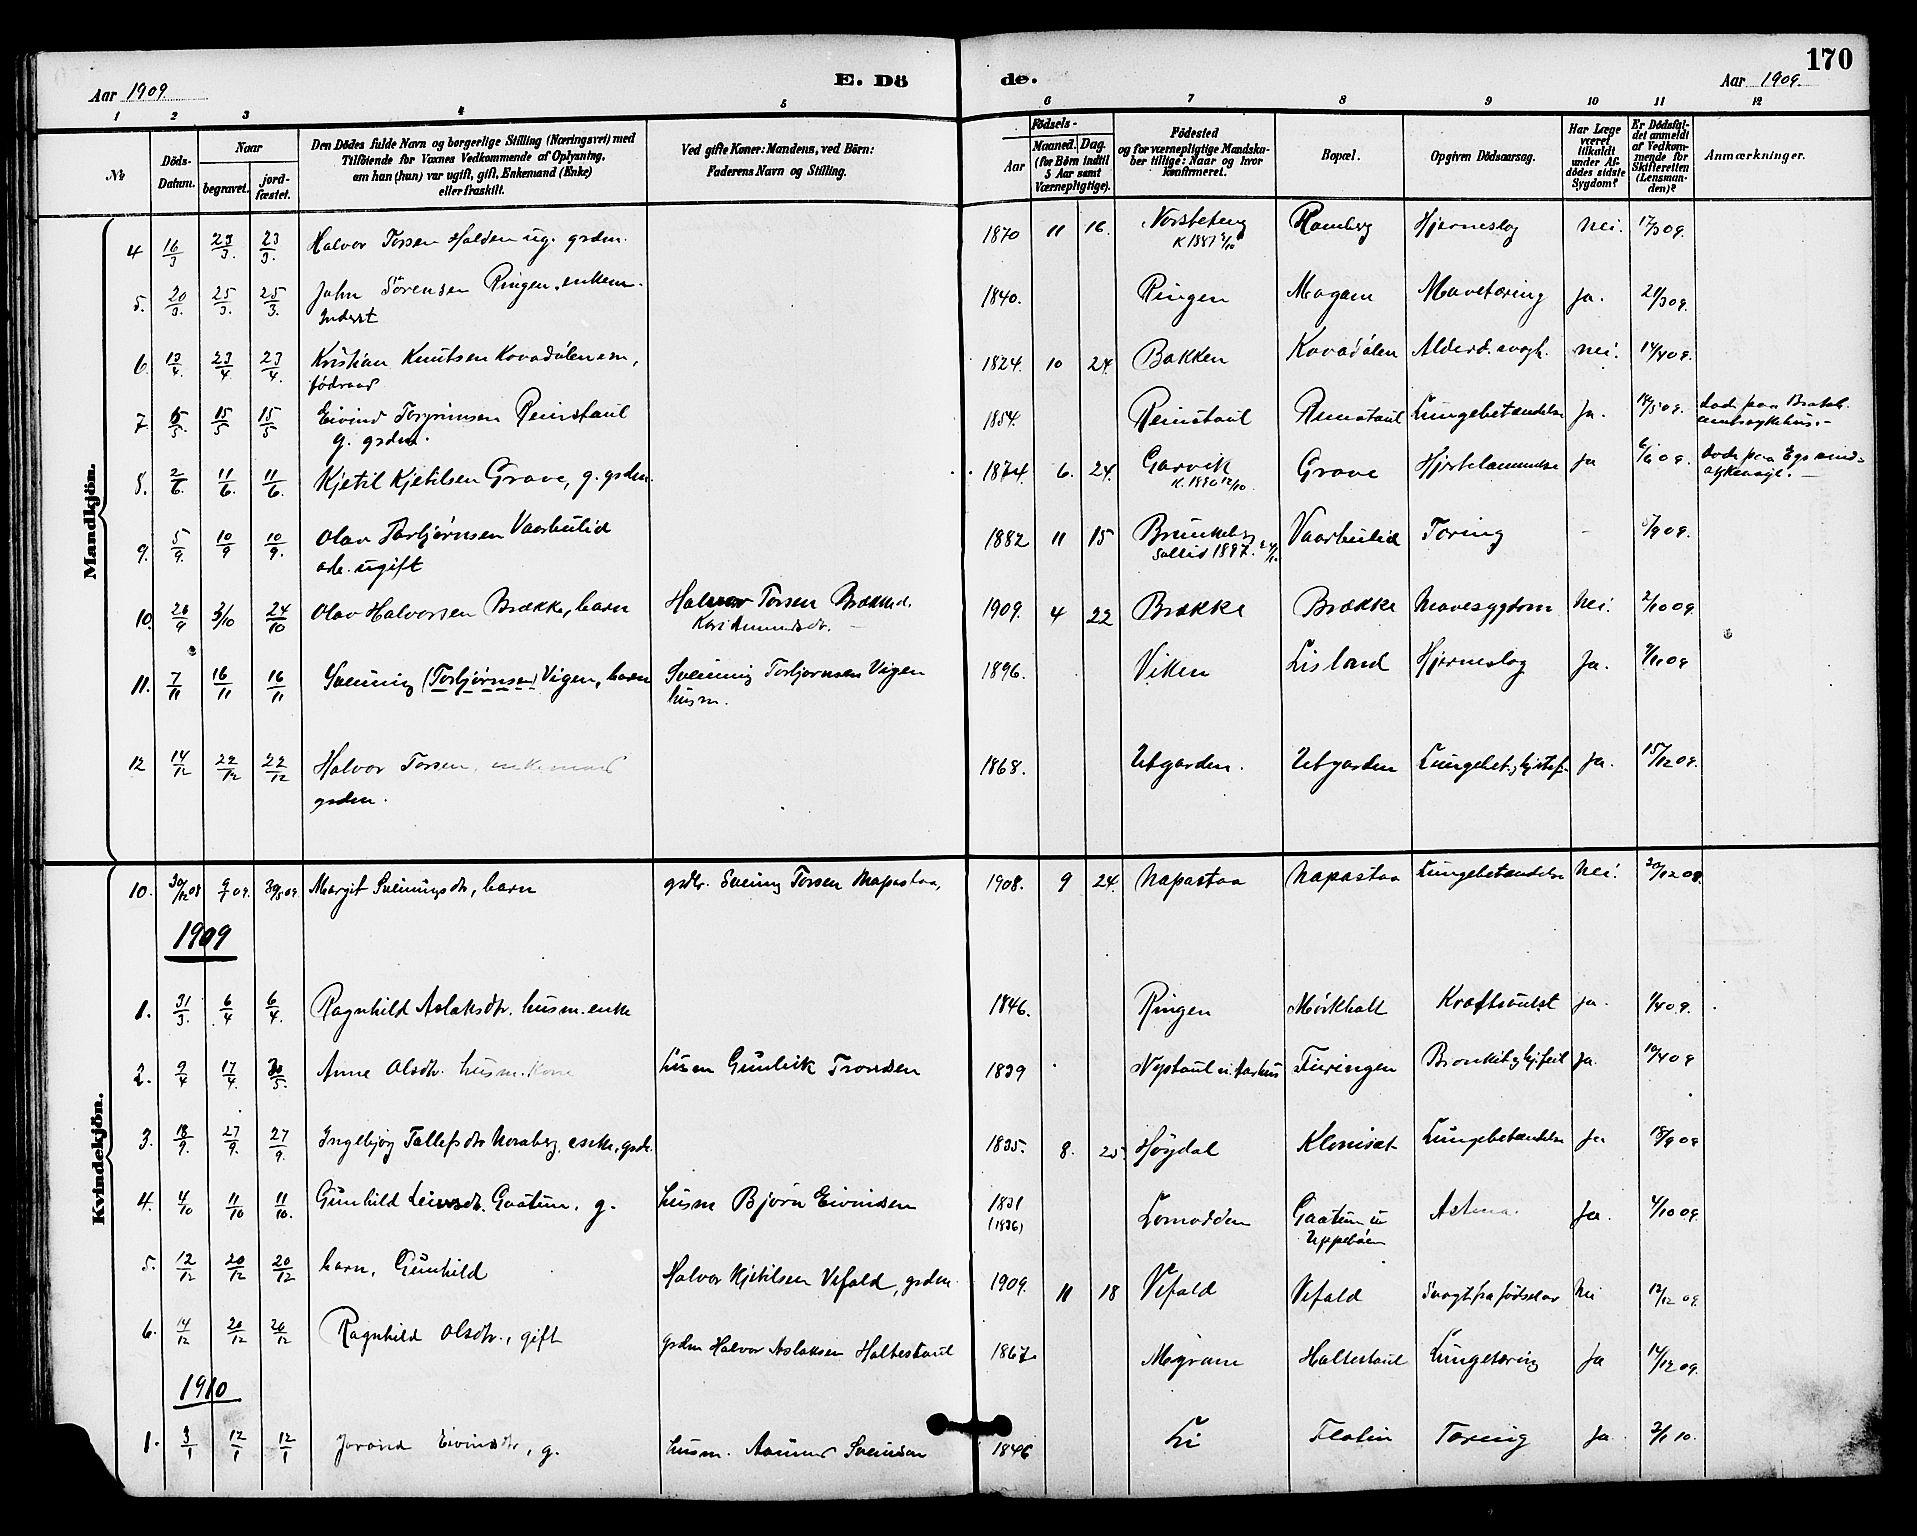 SAKO, Seljord kirkebøker, G/Ga/L0005: Klokkerbok nr. I 5, 1887-1914, s. 170